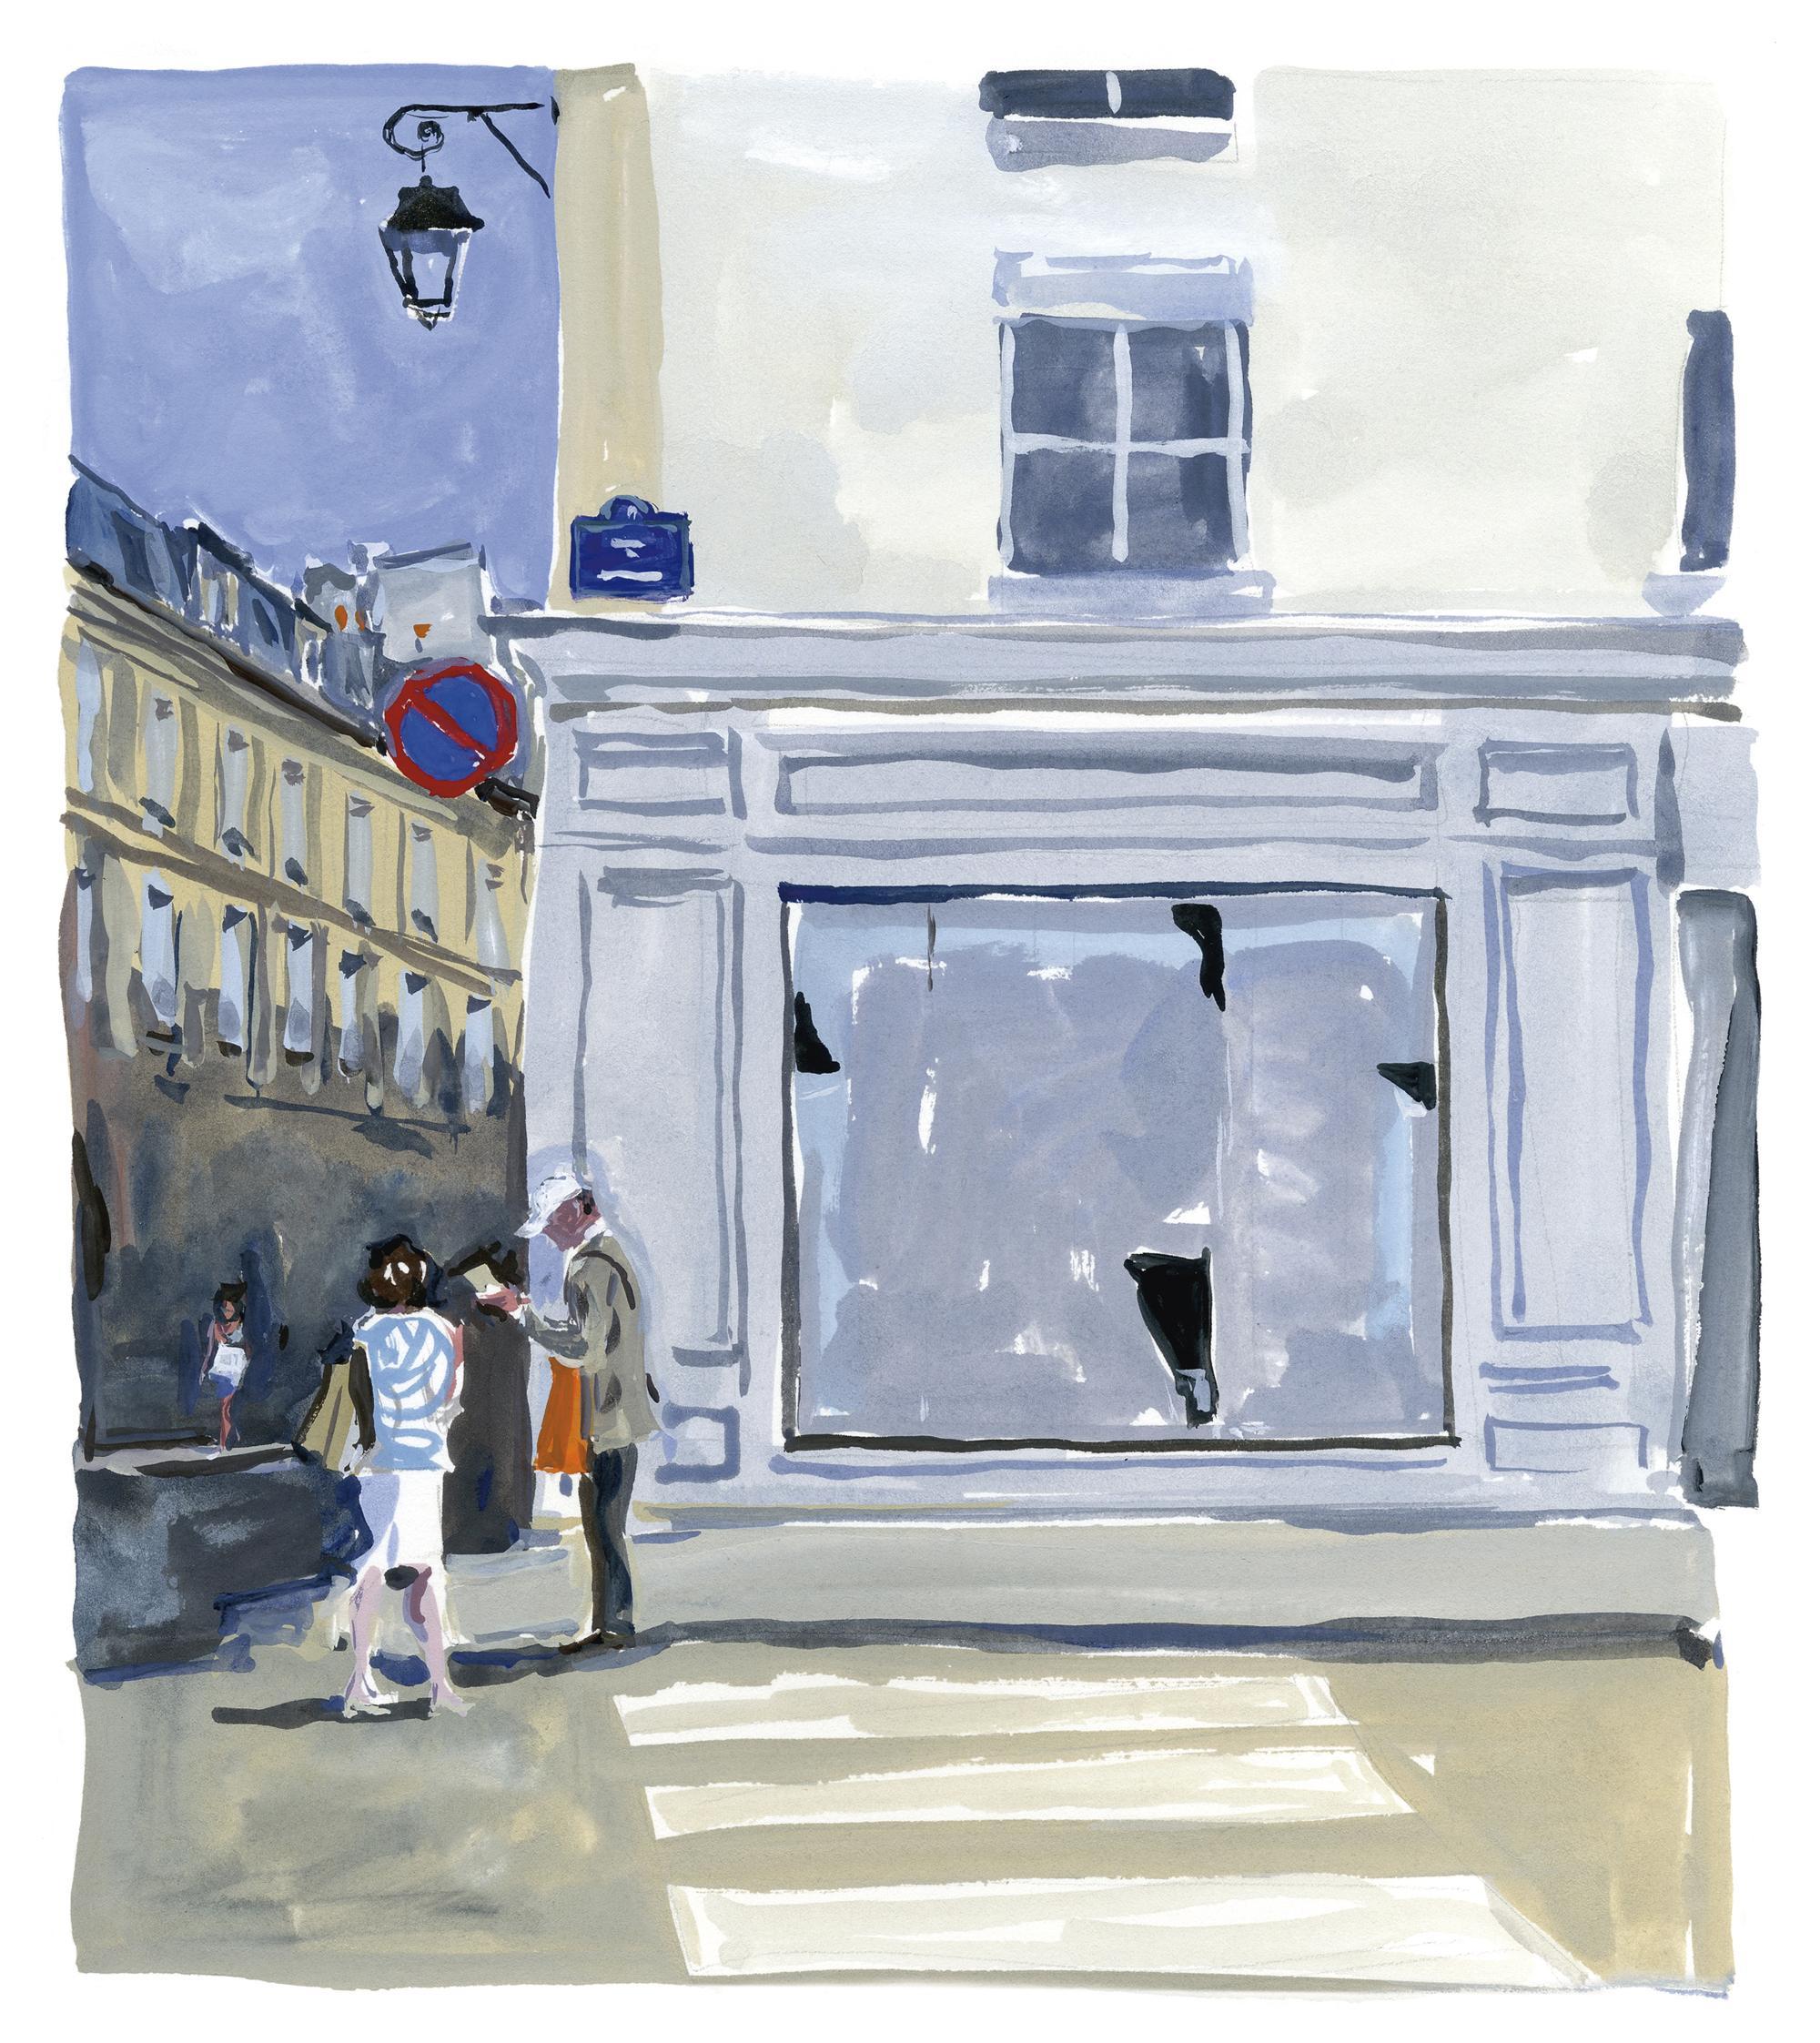 Pariser Tagebuch: Die verschwundene Buchhandlung